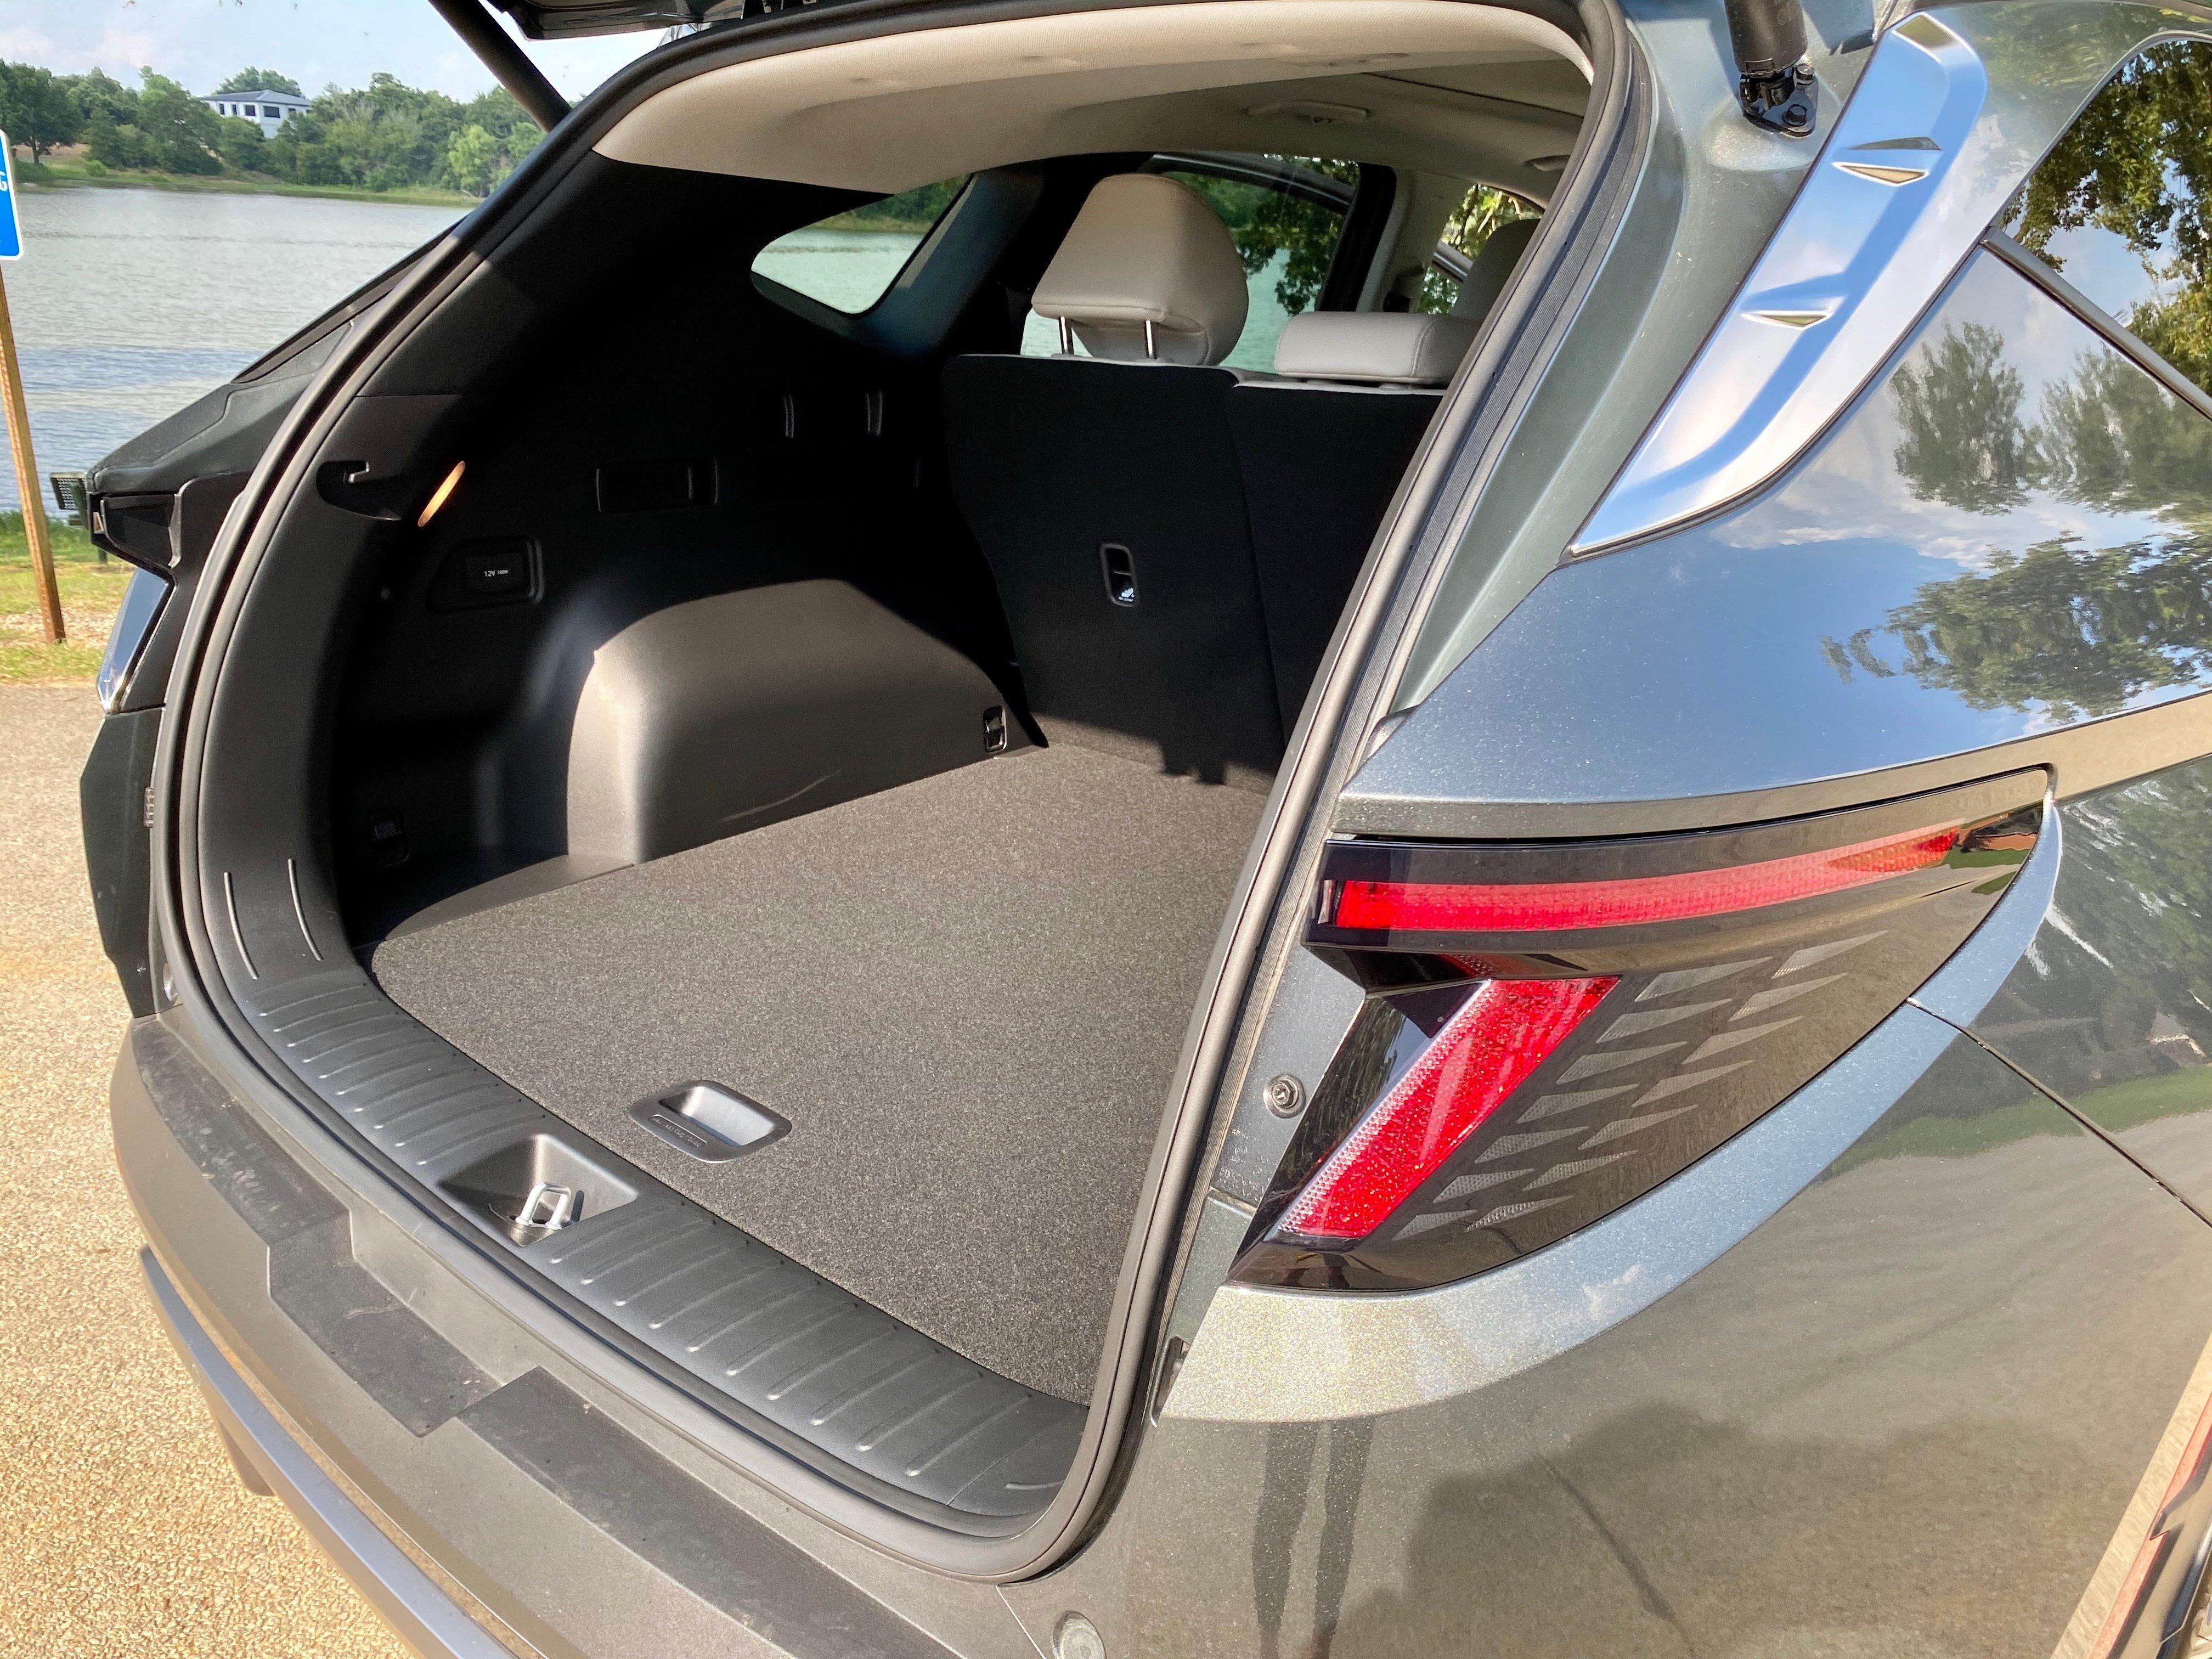 2022-Hyundai-Tucson-cargo-carprousa.